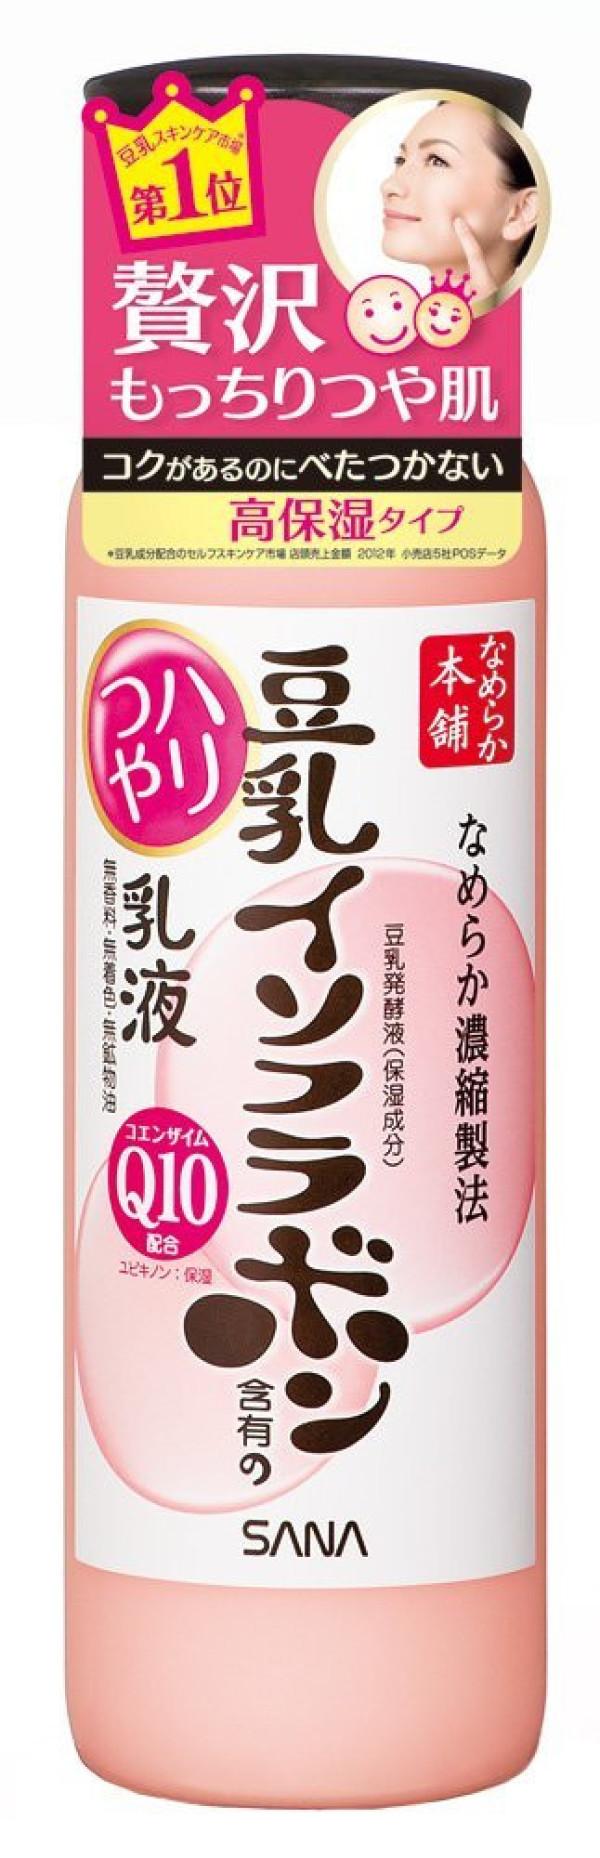 Увлажняющее молочко с коэнзимом Q10 Sana Nameraka Isoflavone Q10 Milk Lotion